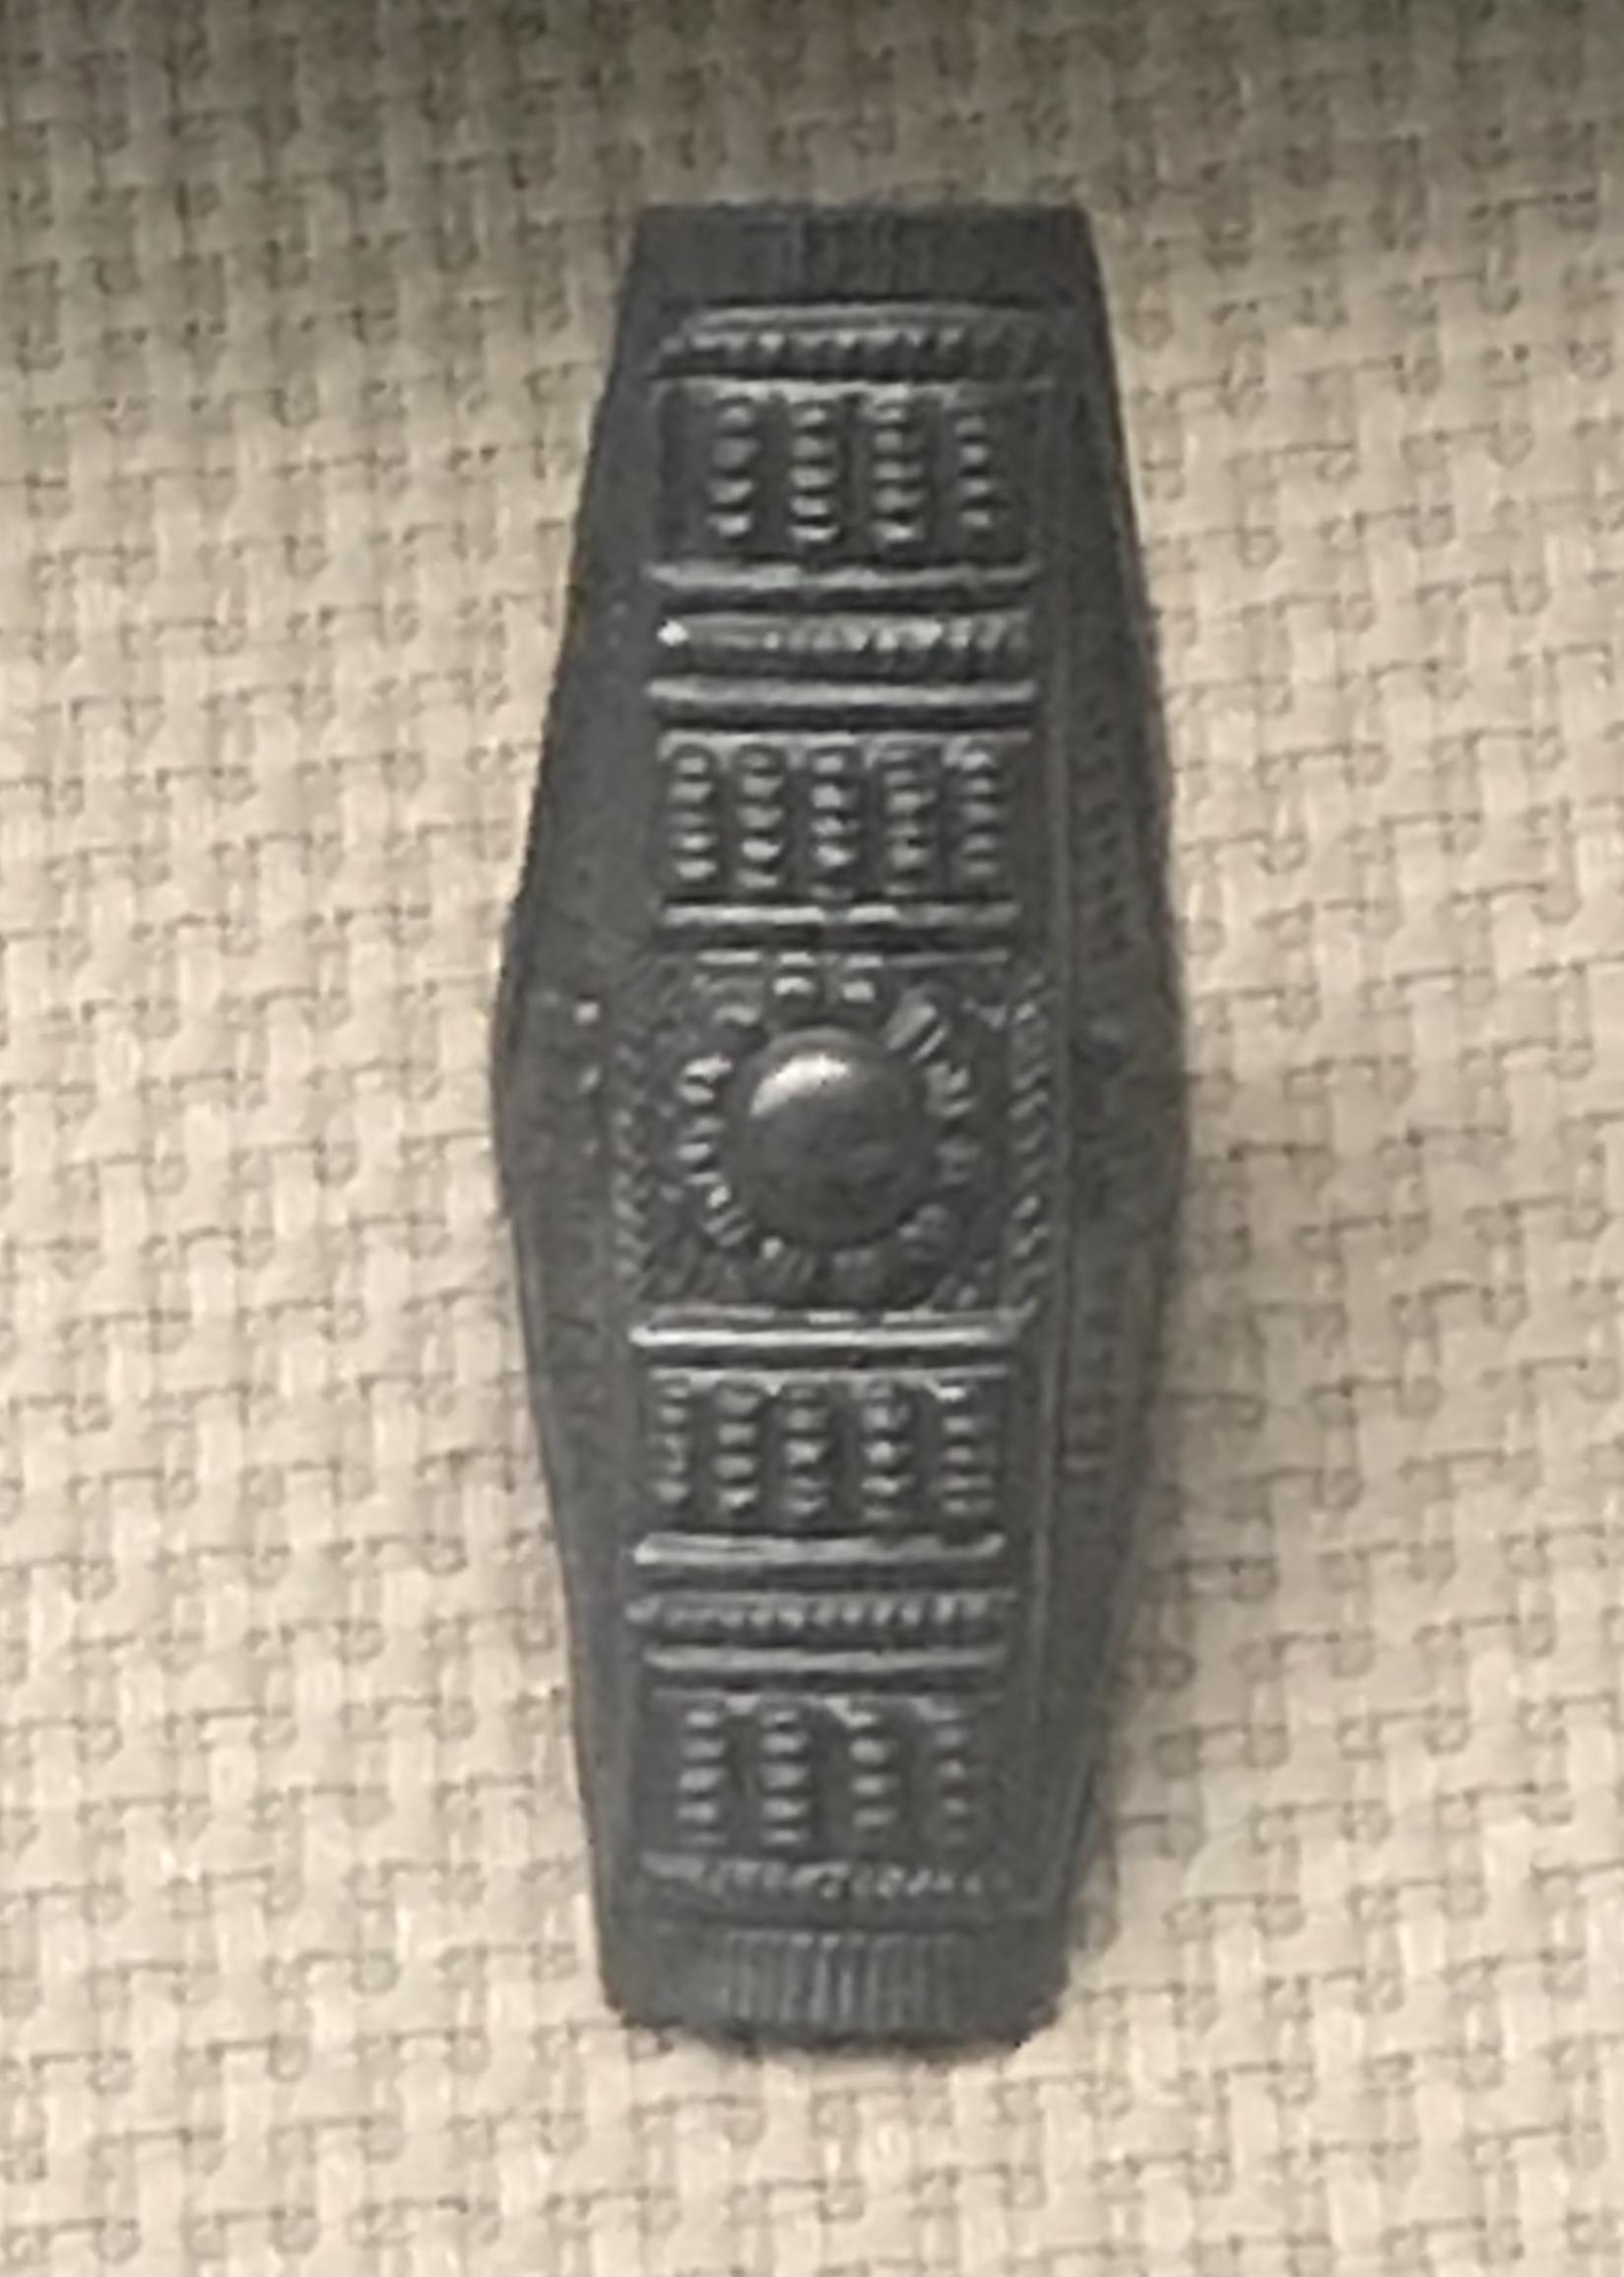 船形葵花銀指輪-鏤空梅花銀指輪-圓筒式銀指輪-彜族アクセサリー-四川民族文物館-四川博物館-成都